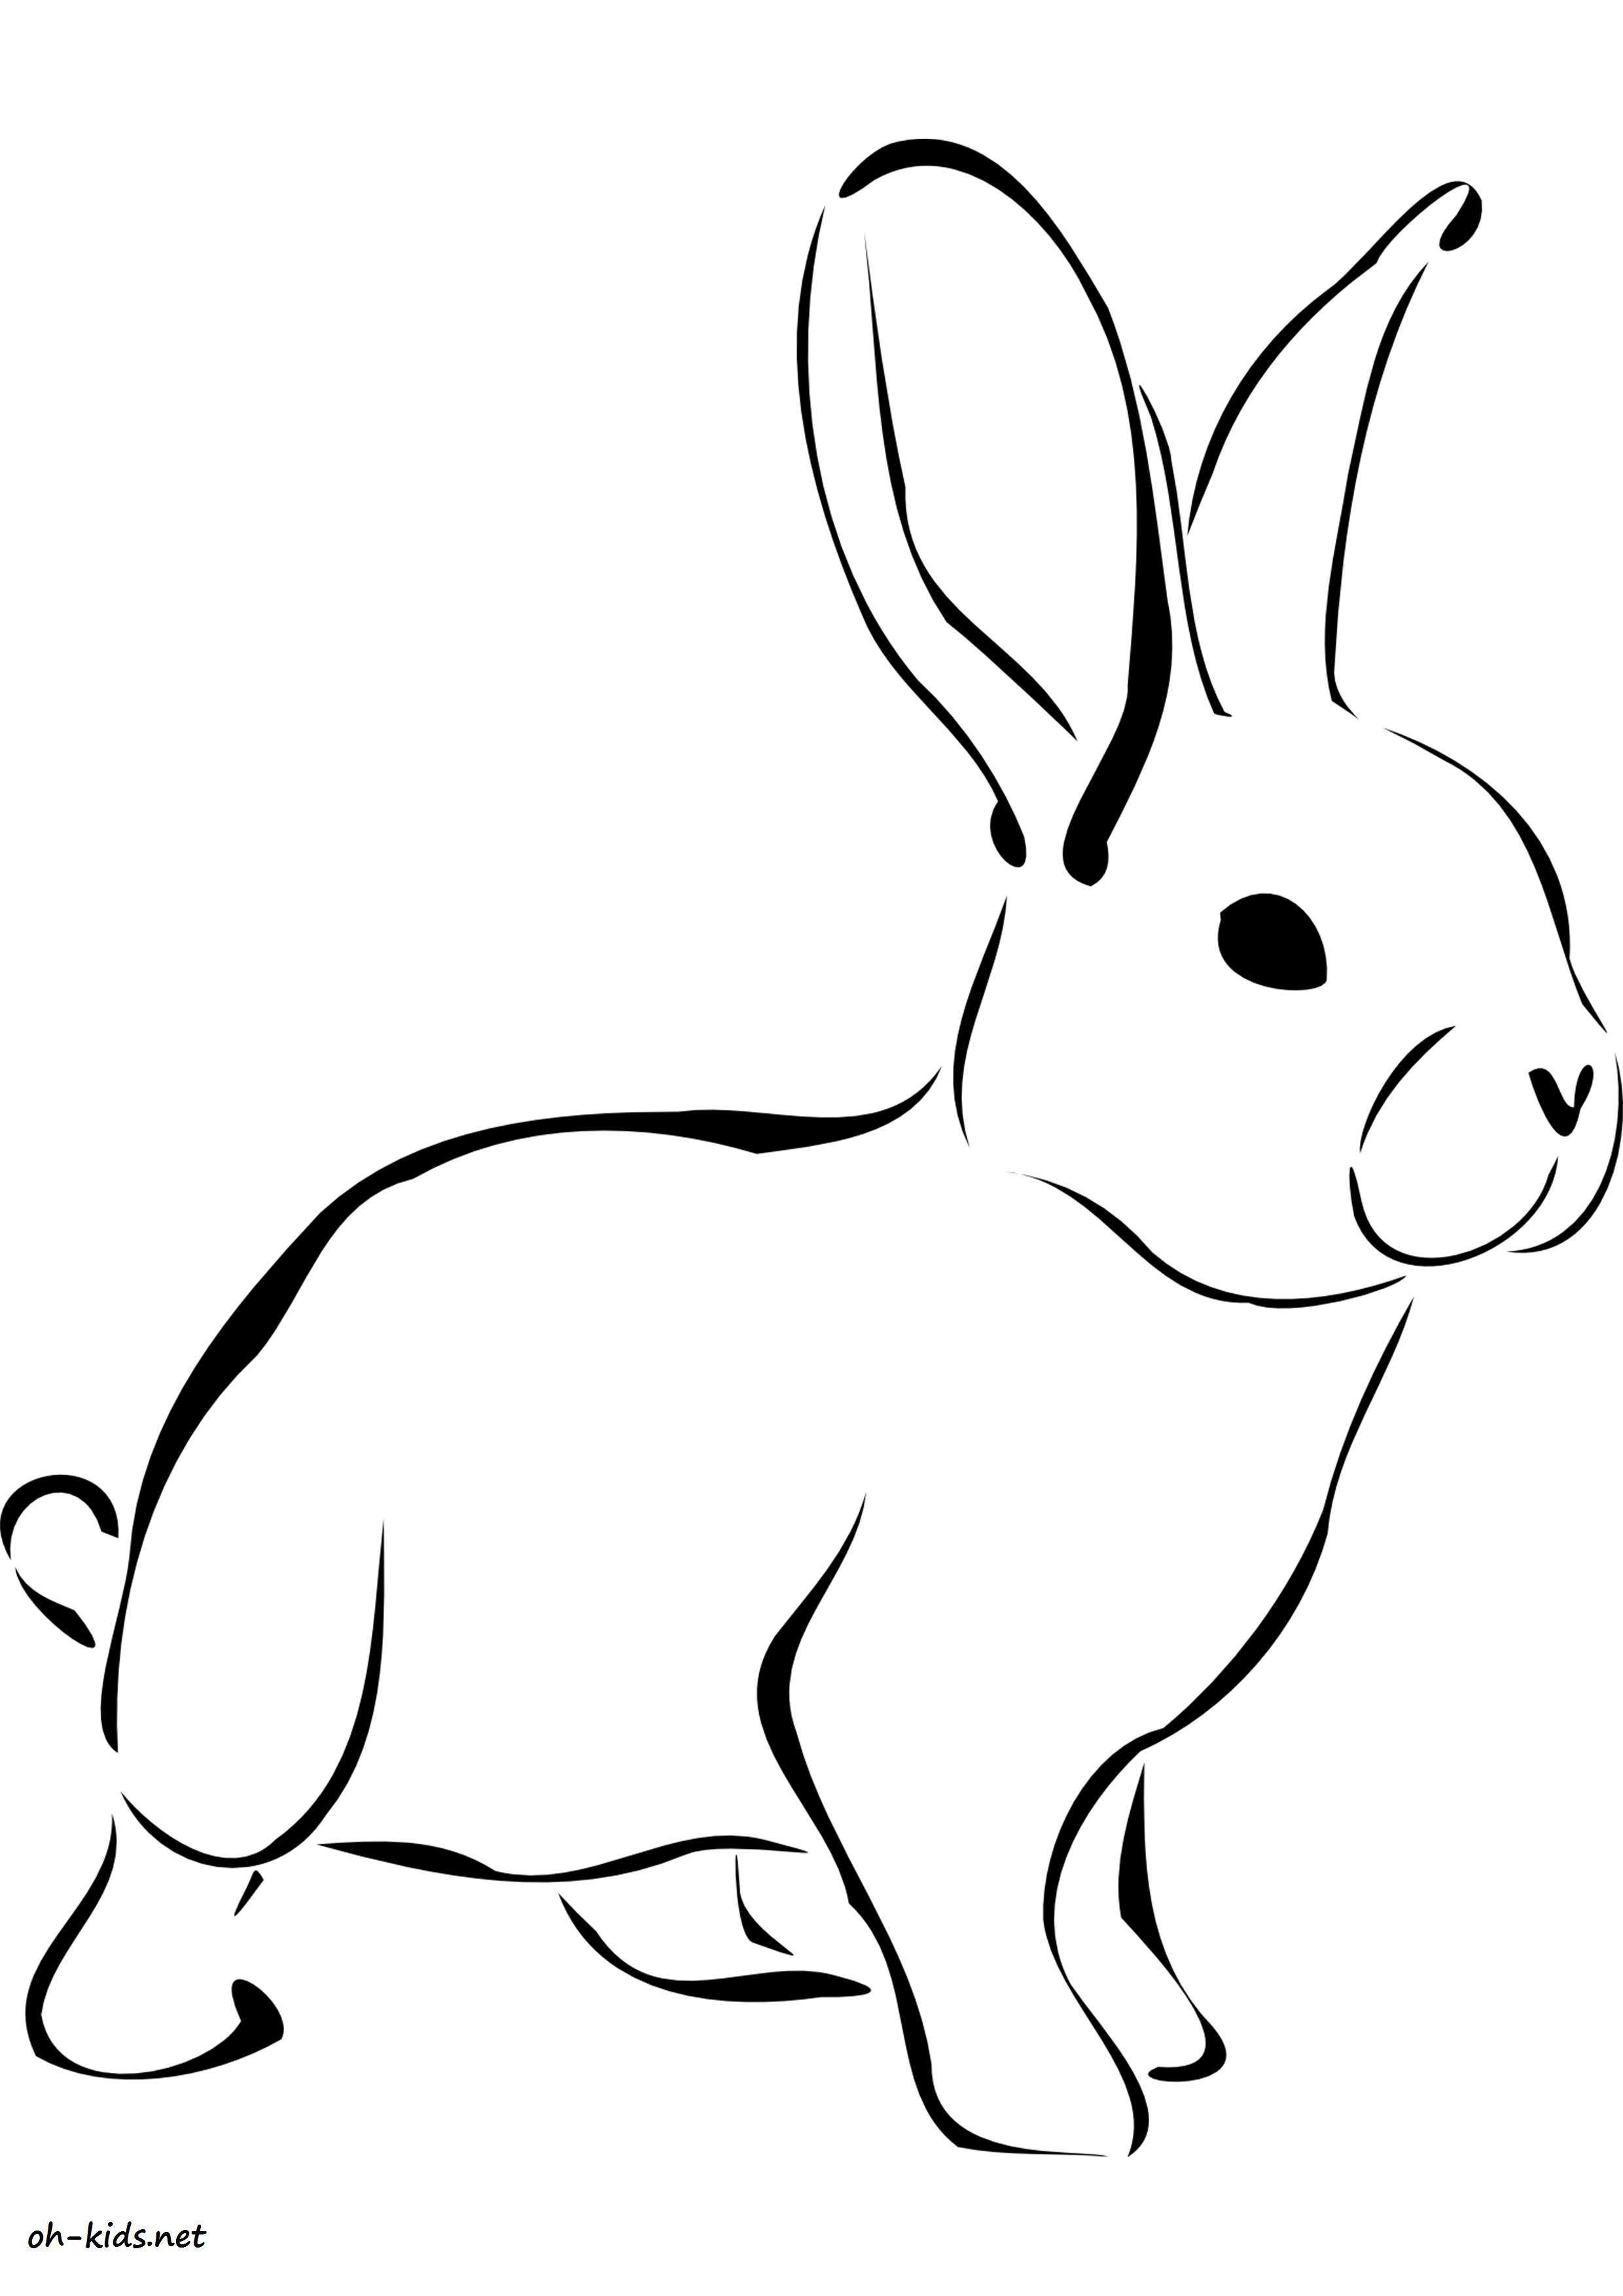 dessin gratuit lièvre a imprimer - Dessin #1635